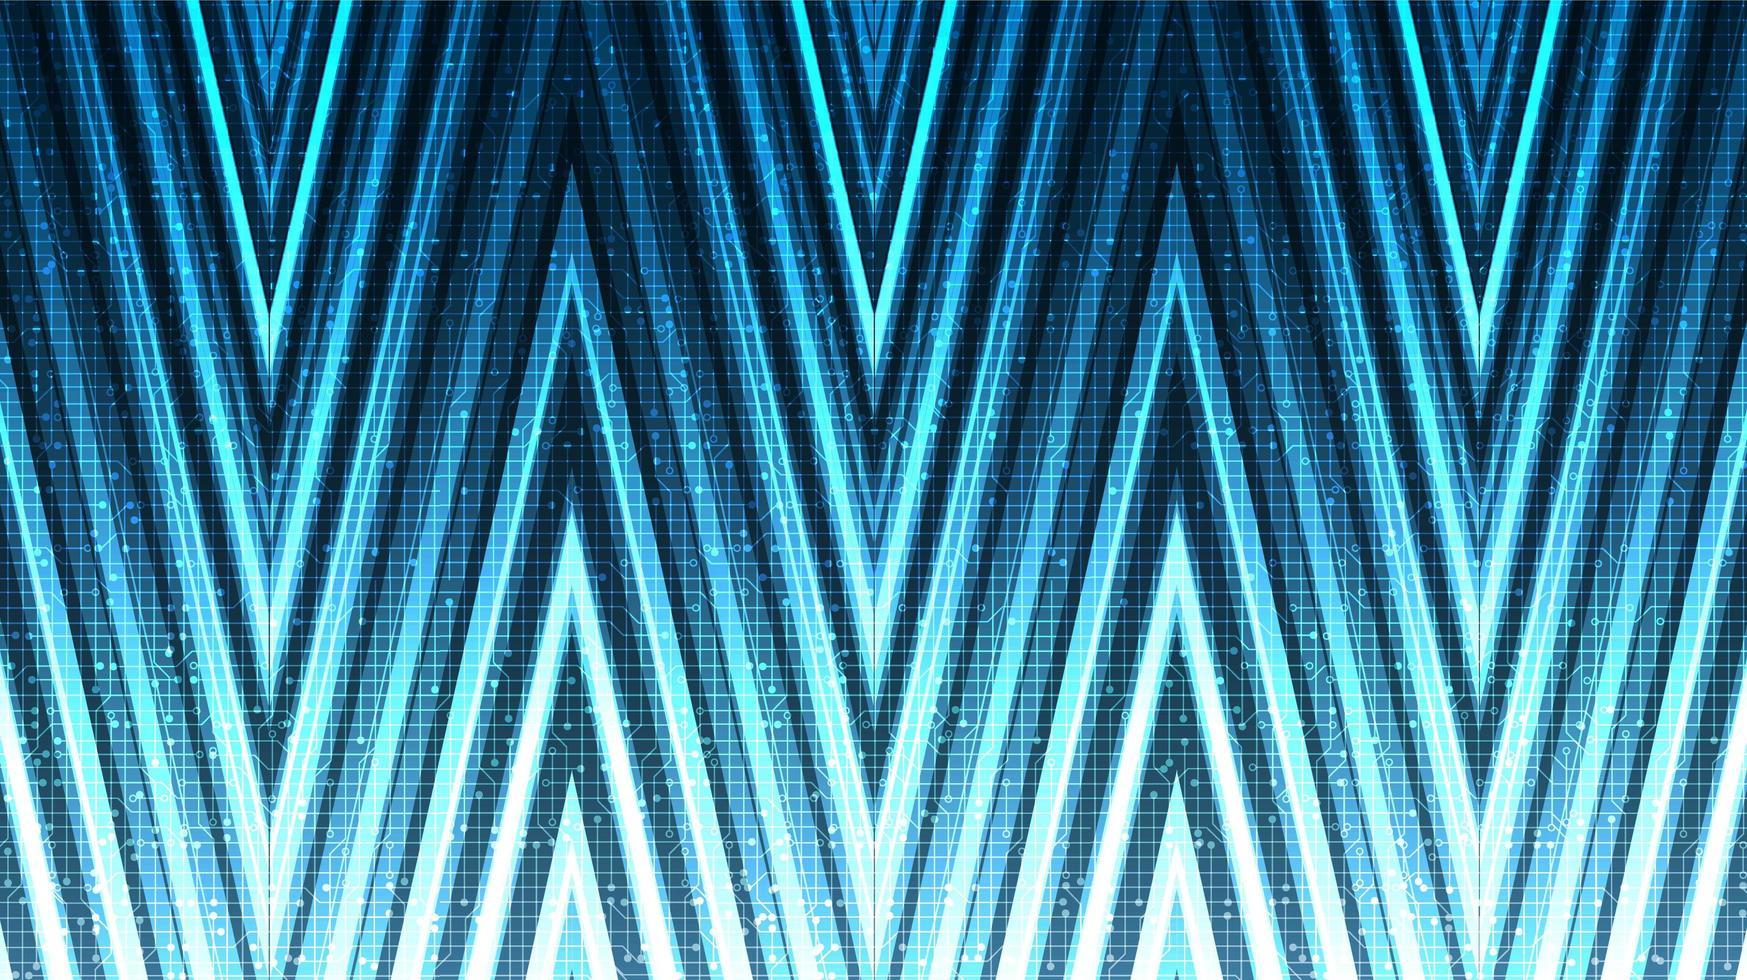 abstracte pijl technische achtergrond, digitaal en verbinding conceptontwerp, vectorillustratie. vector